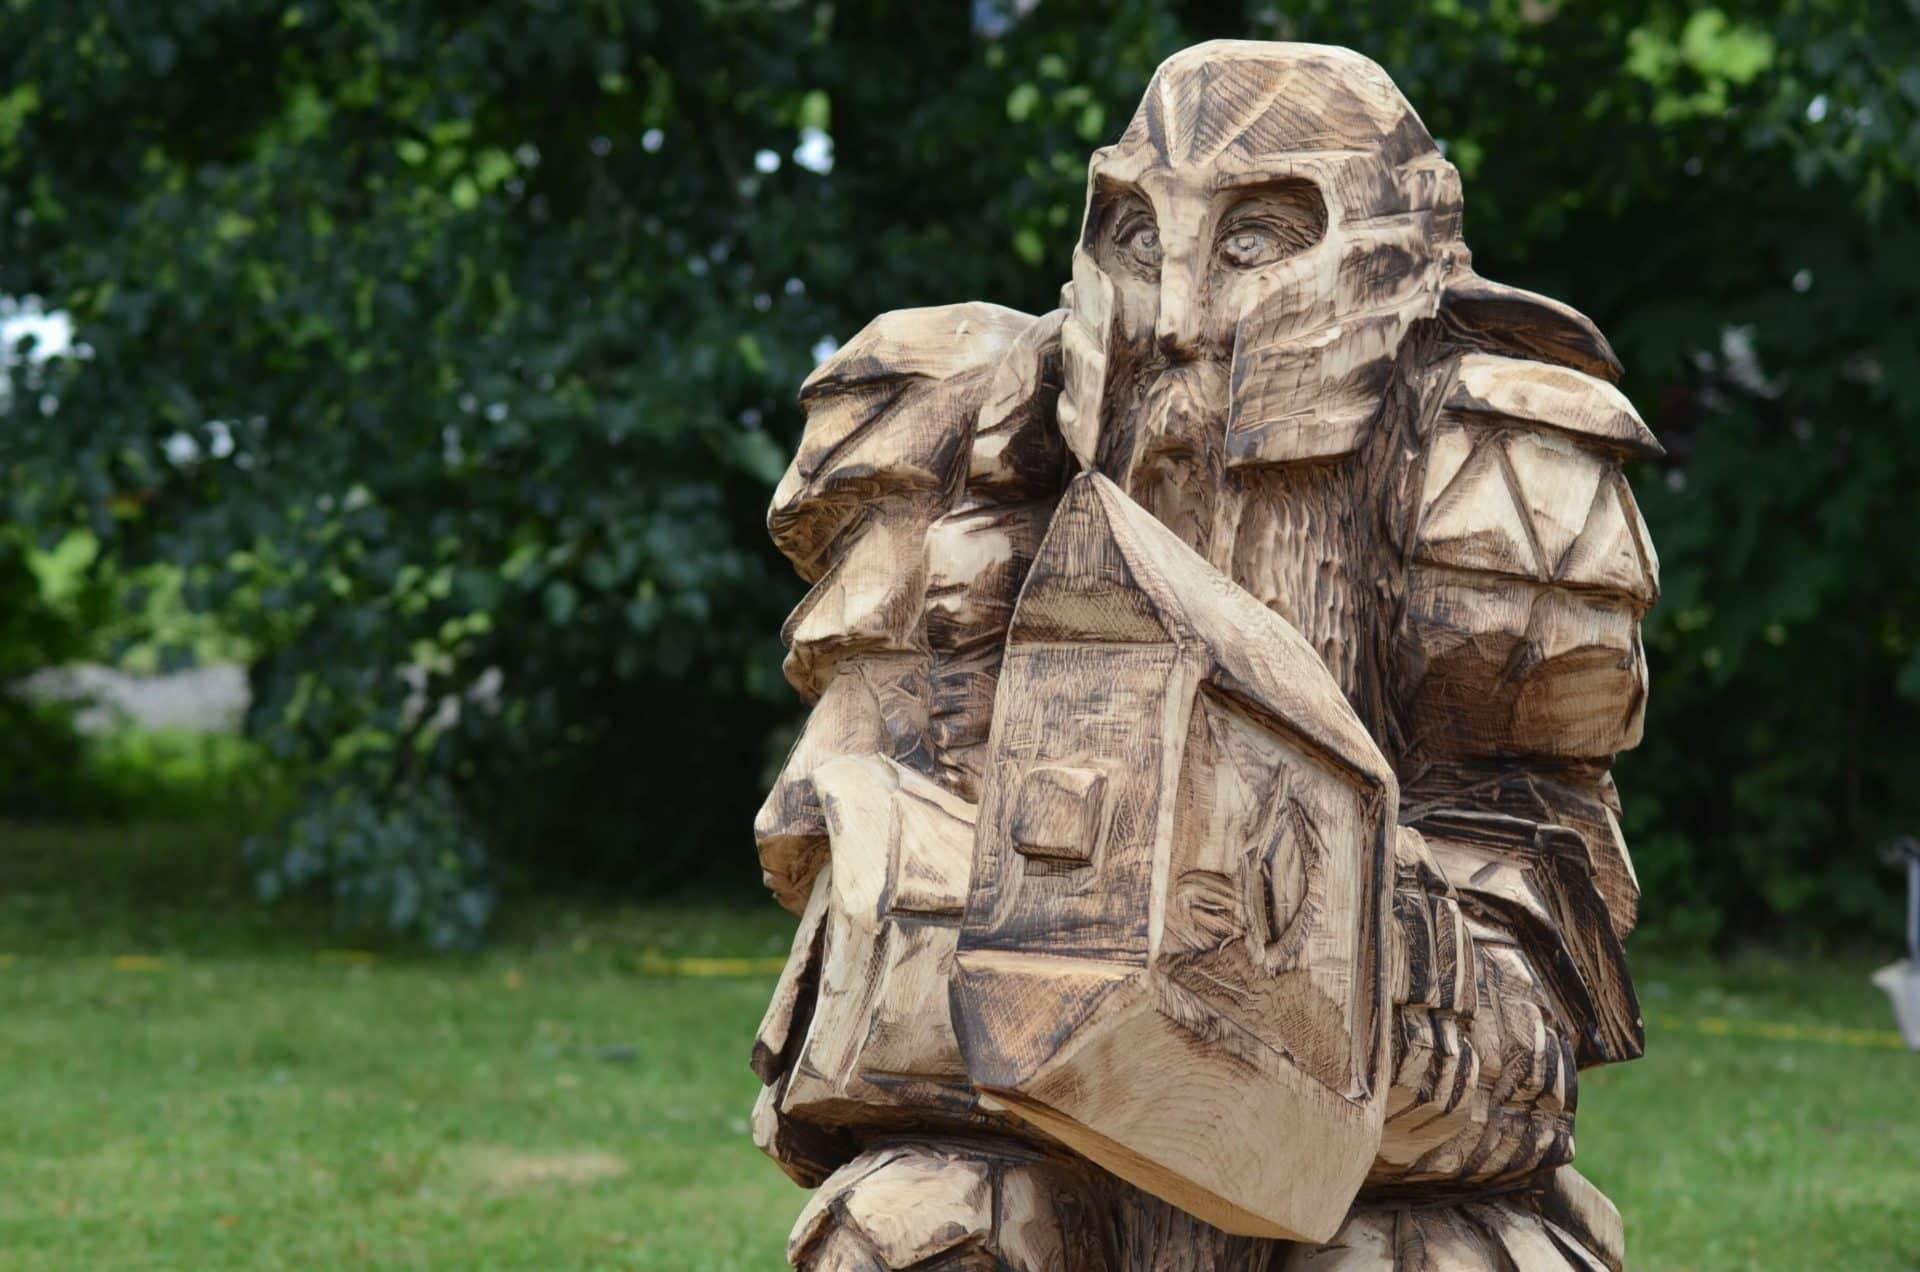 Full Size of Gartenskulpturen Holz Kaufen Aus Gartenskulptur Stein Skulpturen Selber Machen Garten Und Glas Holzregal Badezimmer Esstisch Massiv Massivholz Holzhaus Wohnzimmer Gartenskulpturen Holz